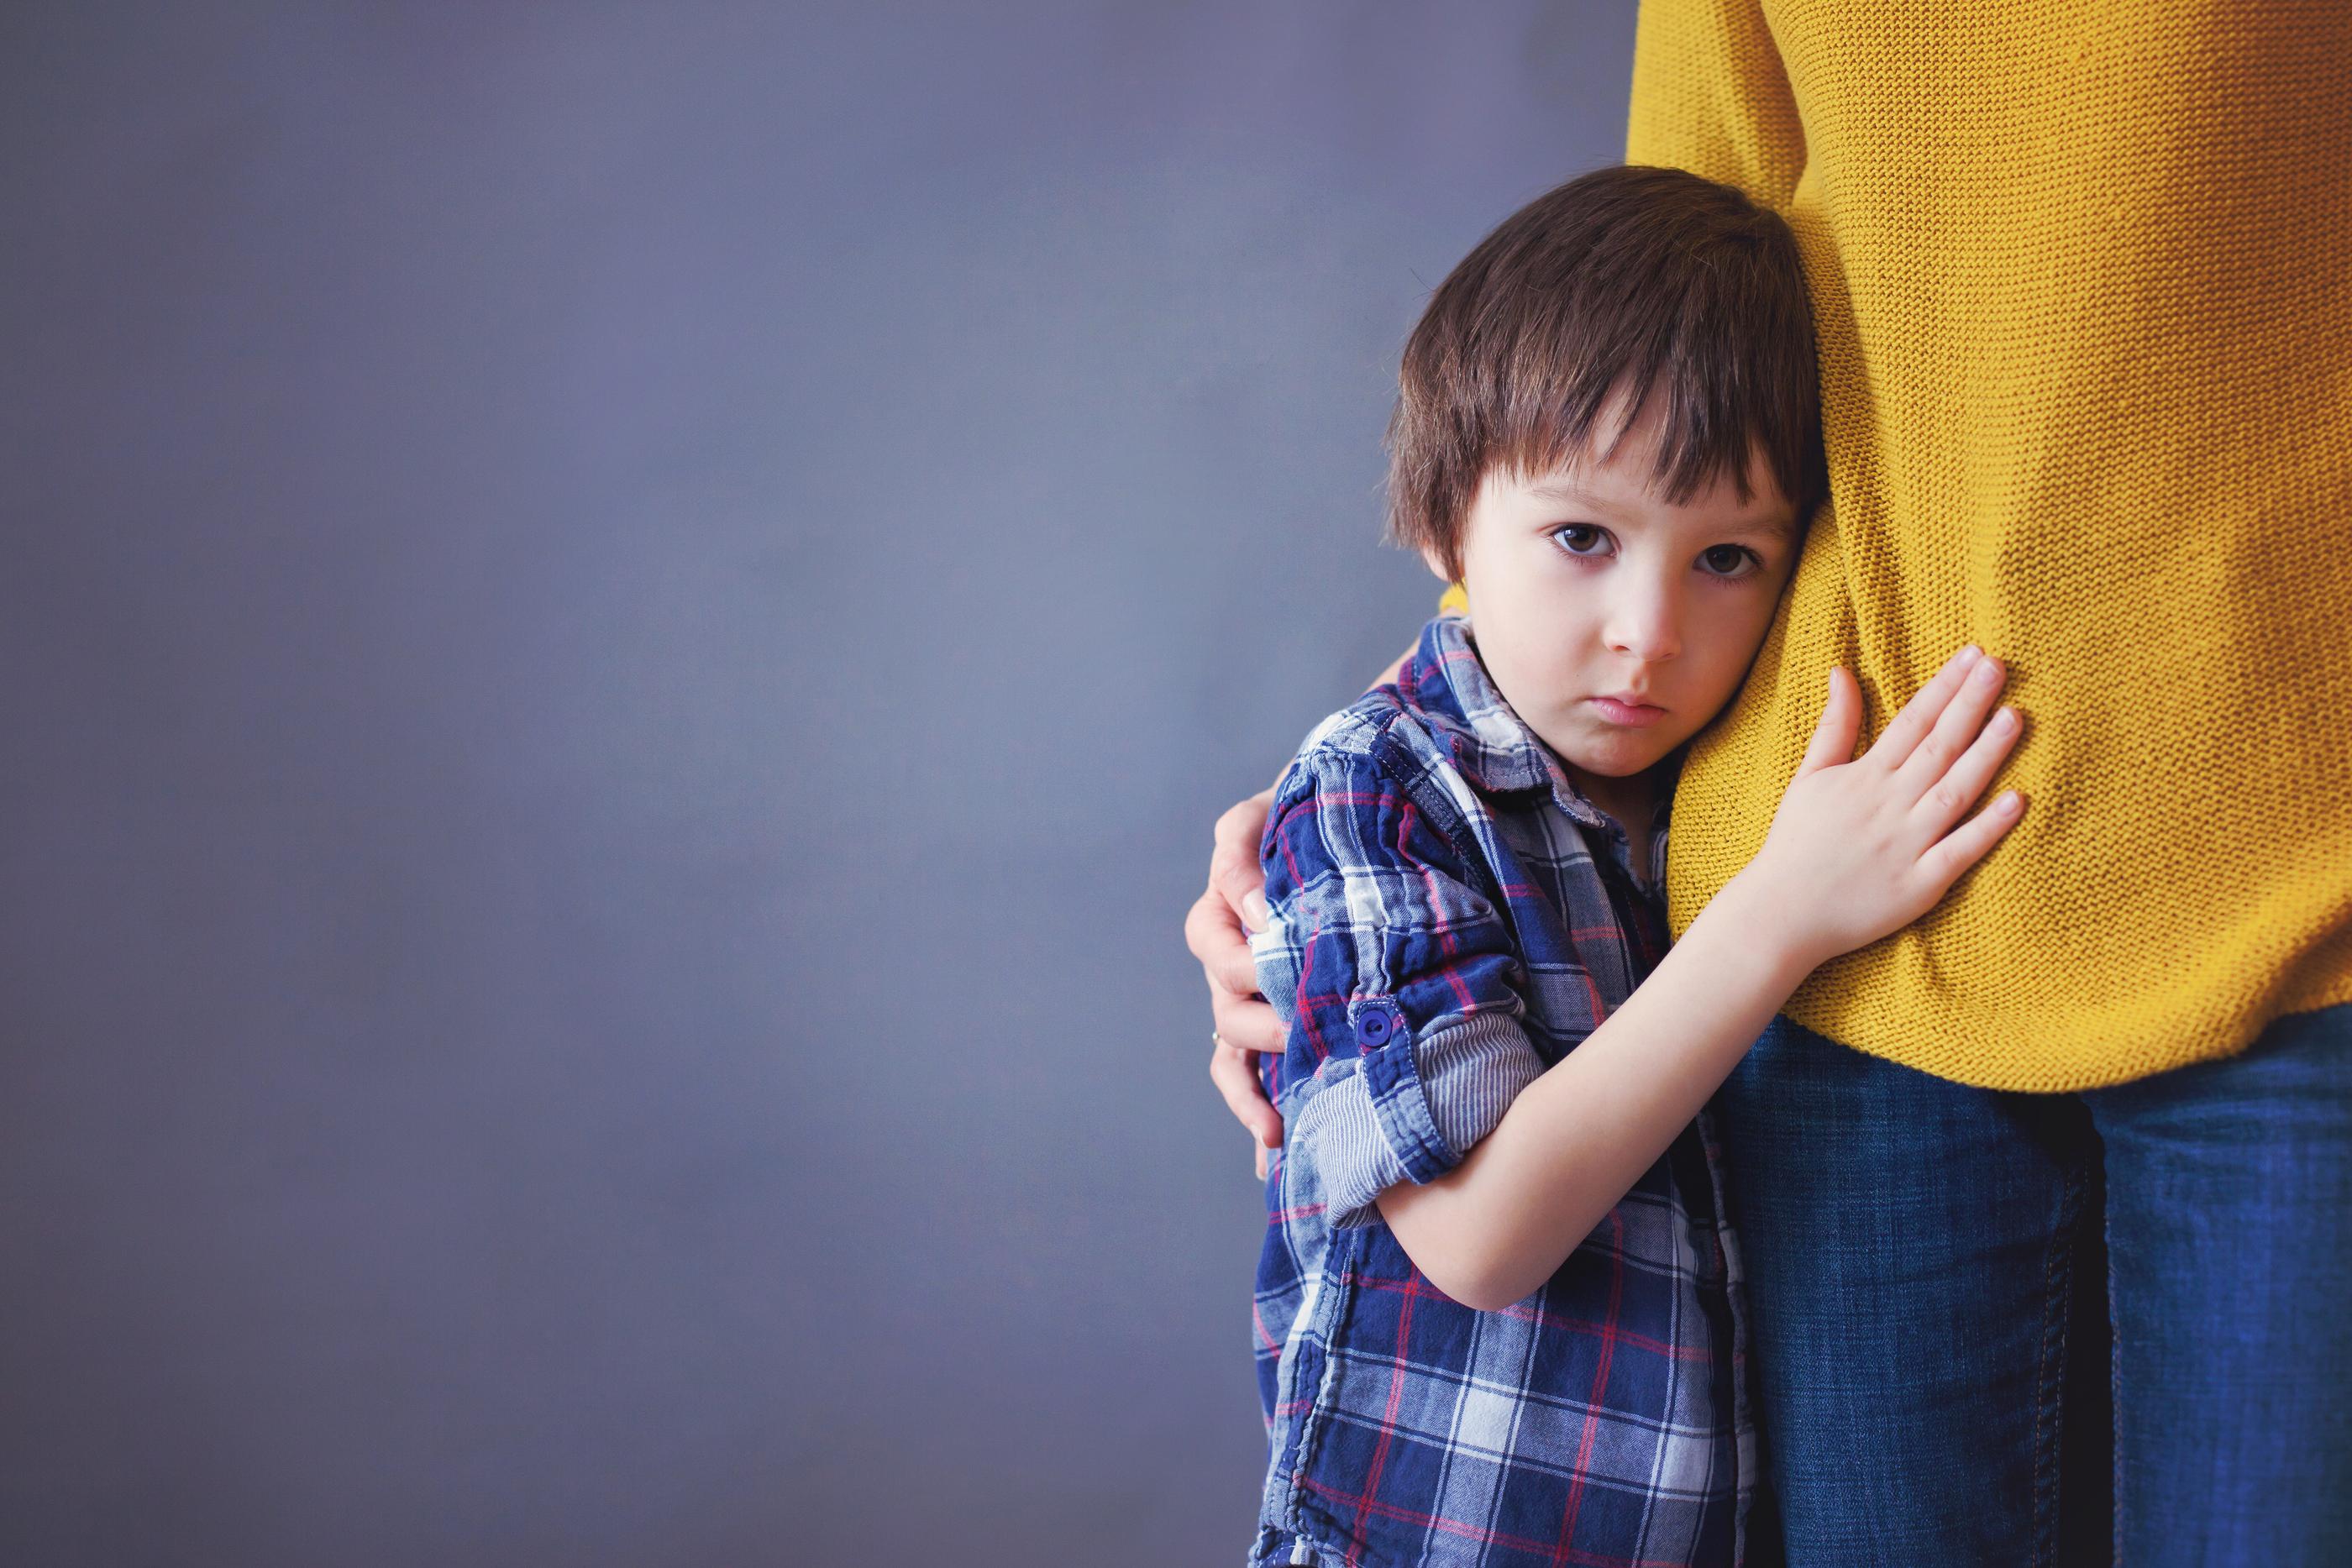 7علت بروز اختلالات اضطرابی در بچهها